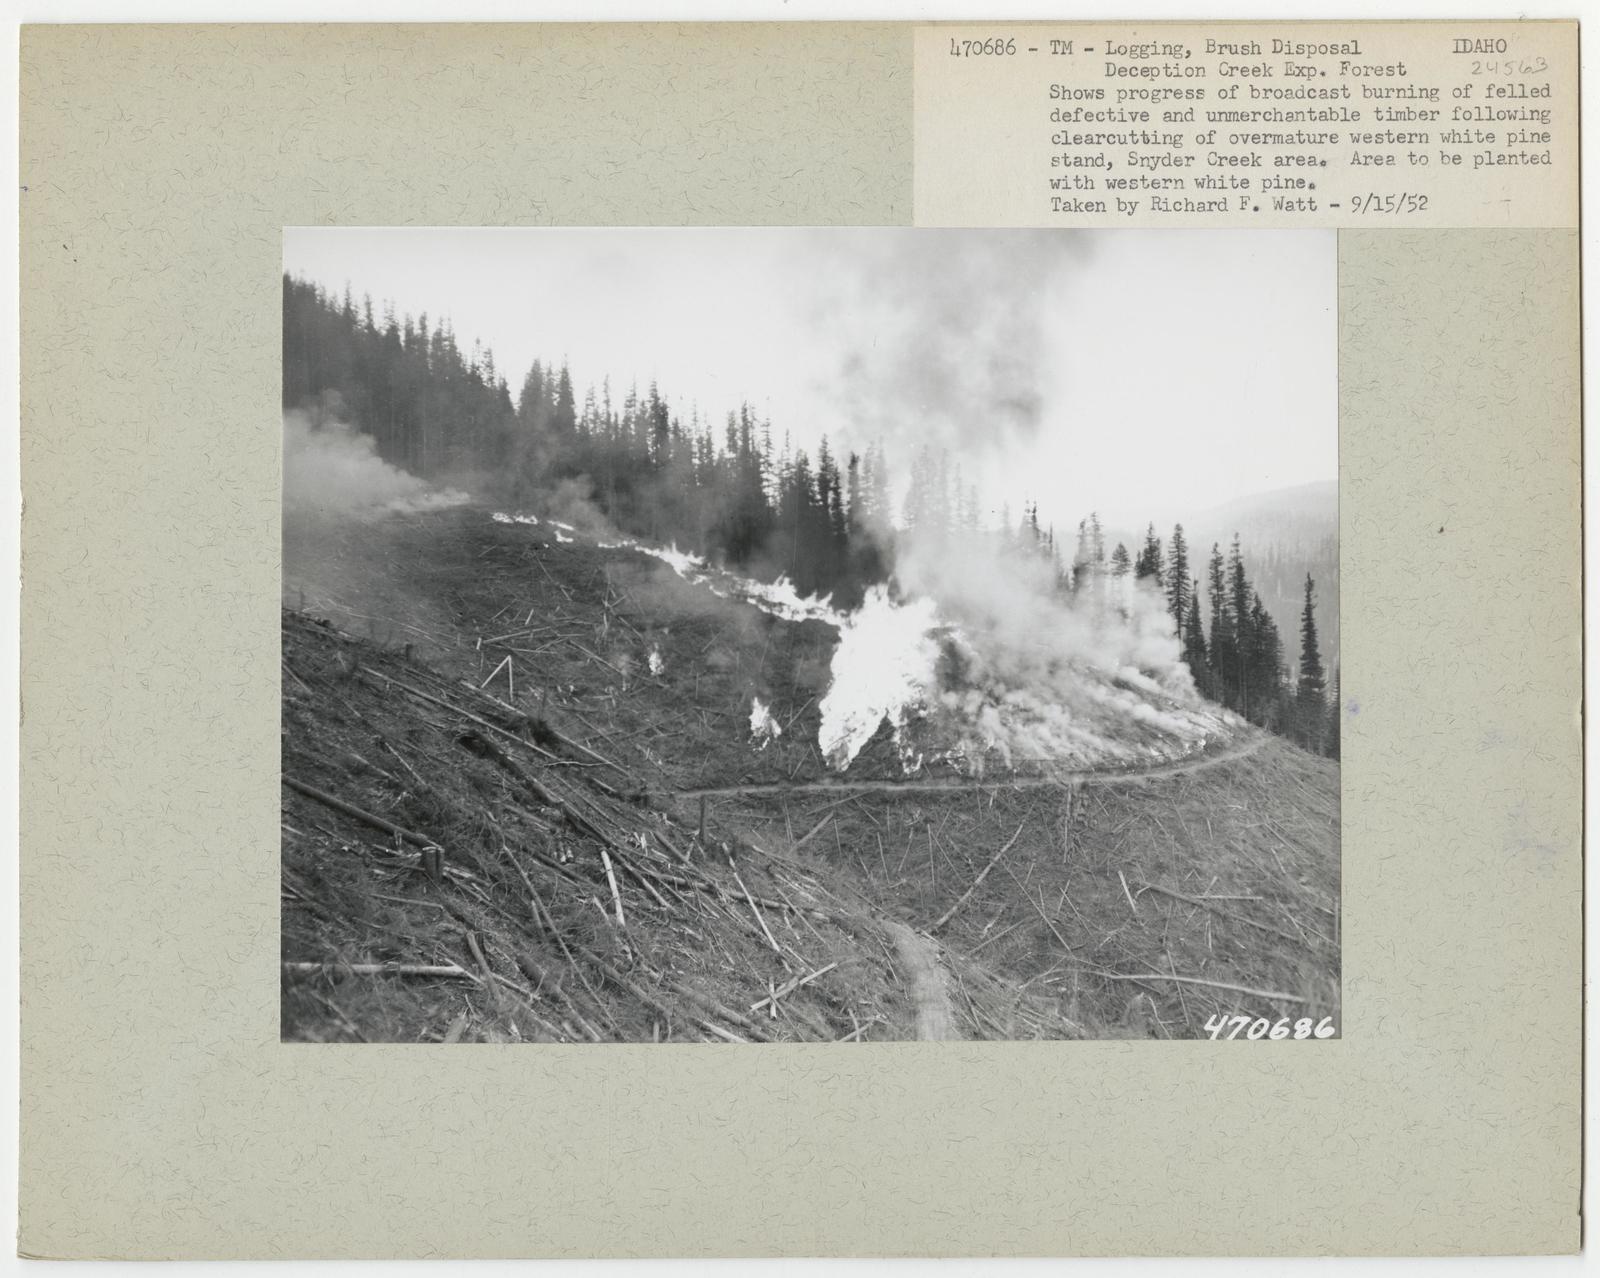 Logging: Brush Disposal - Idaho